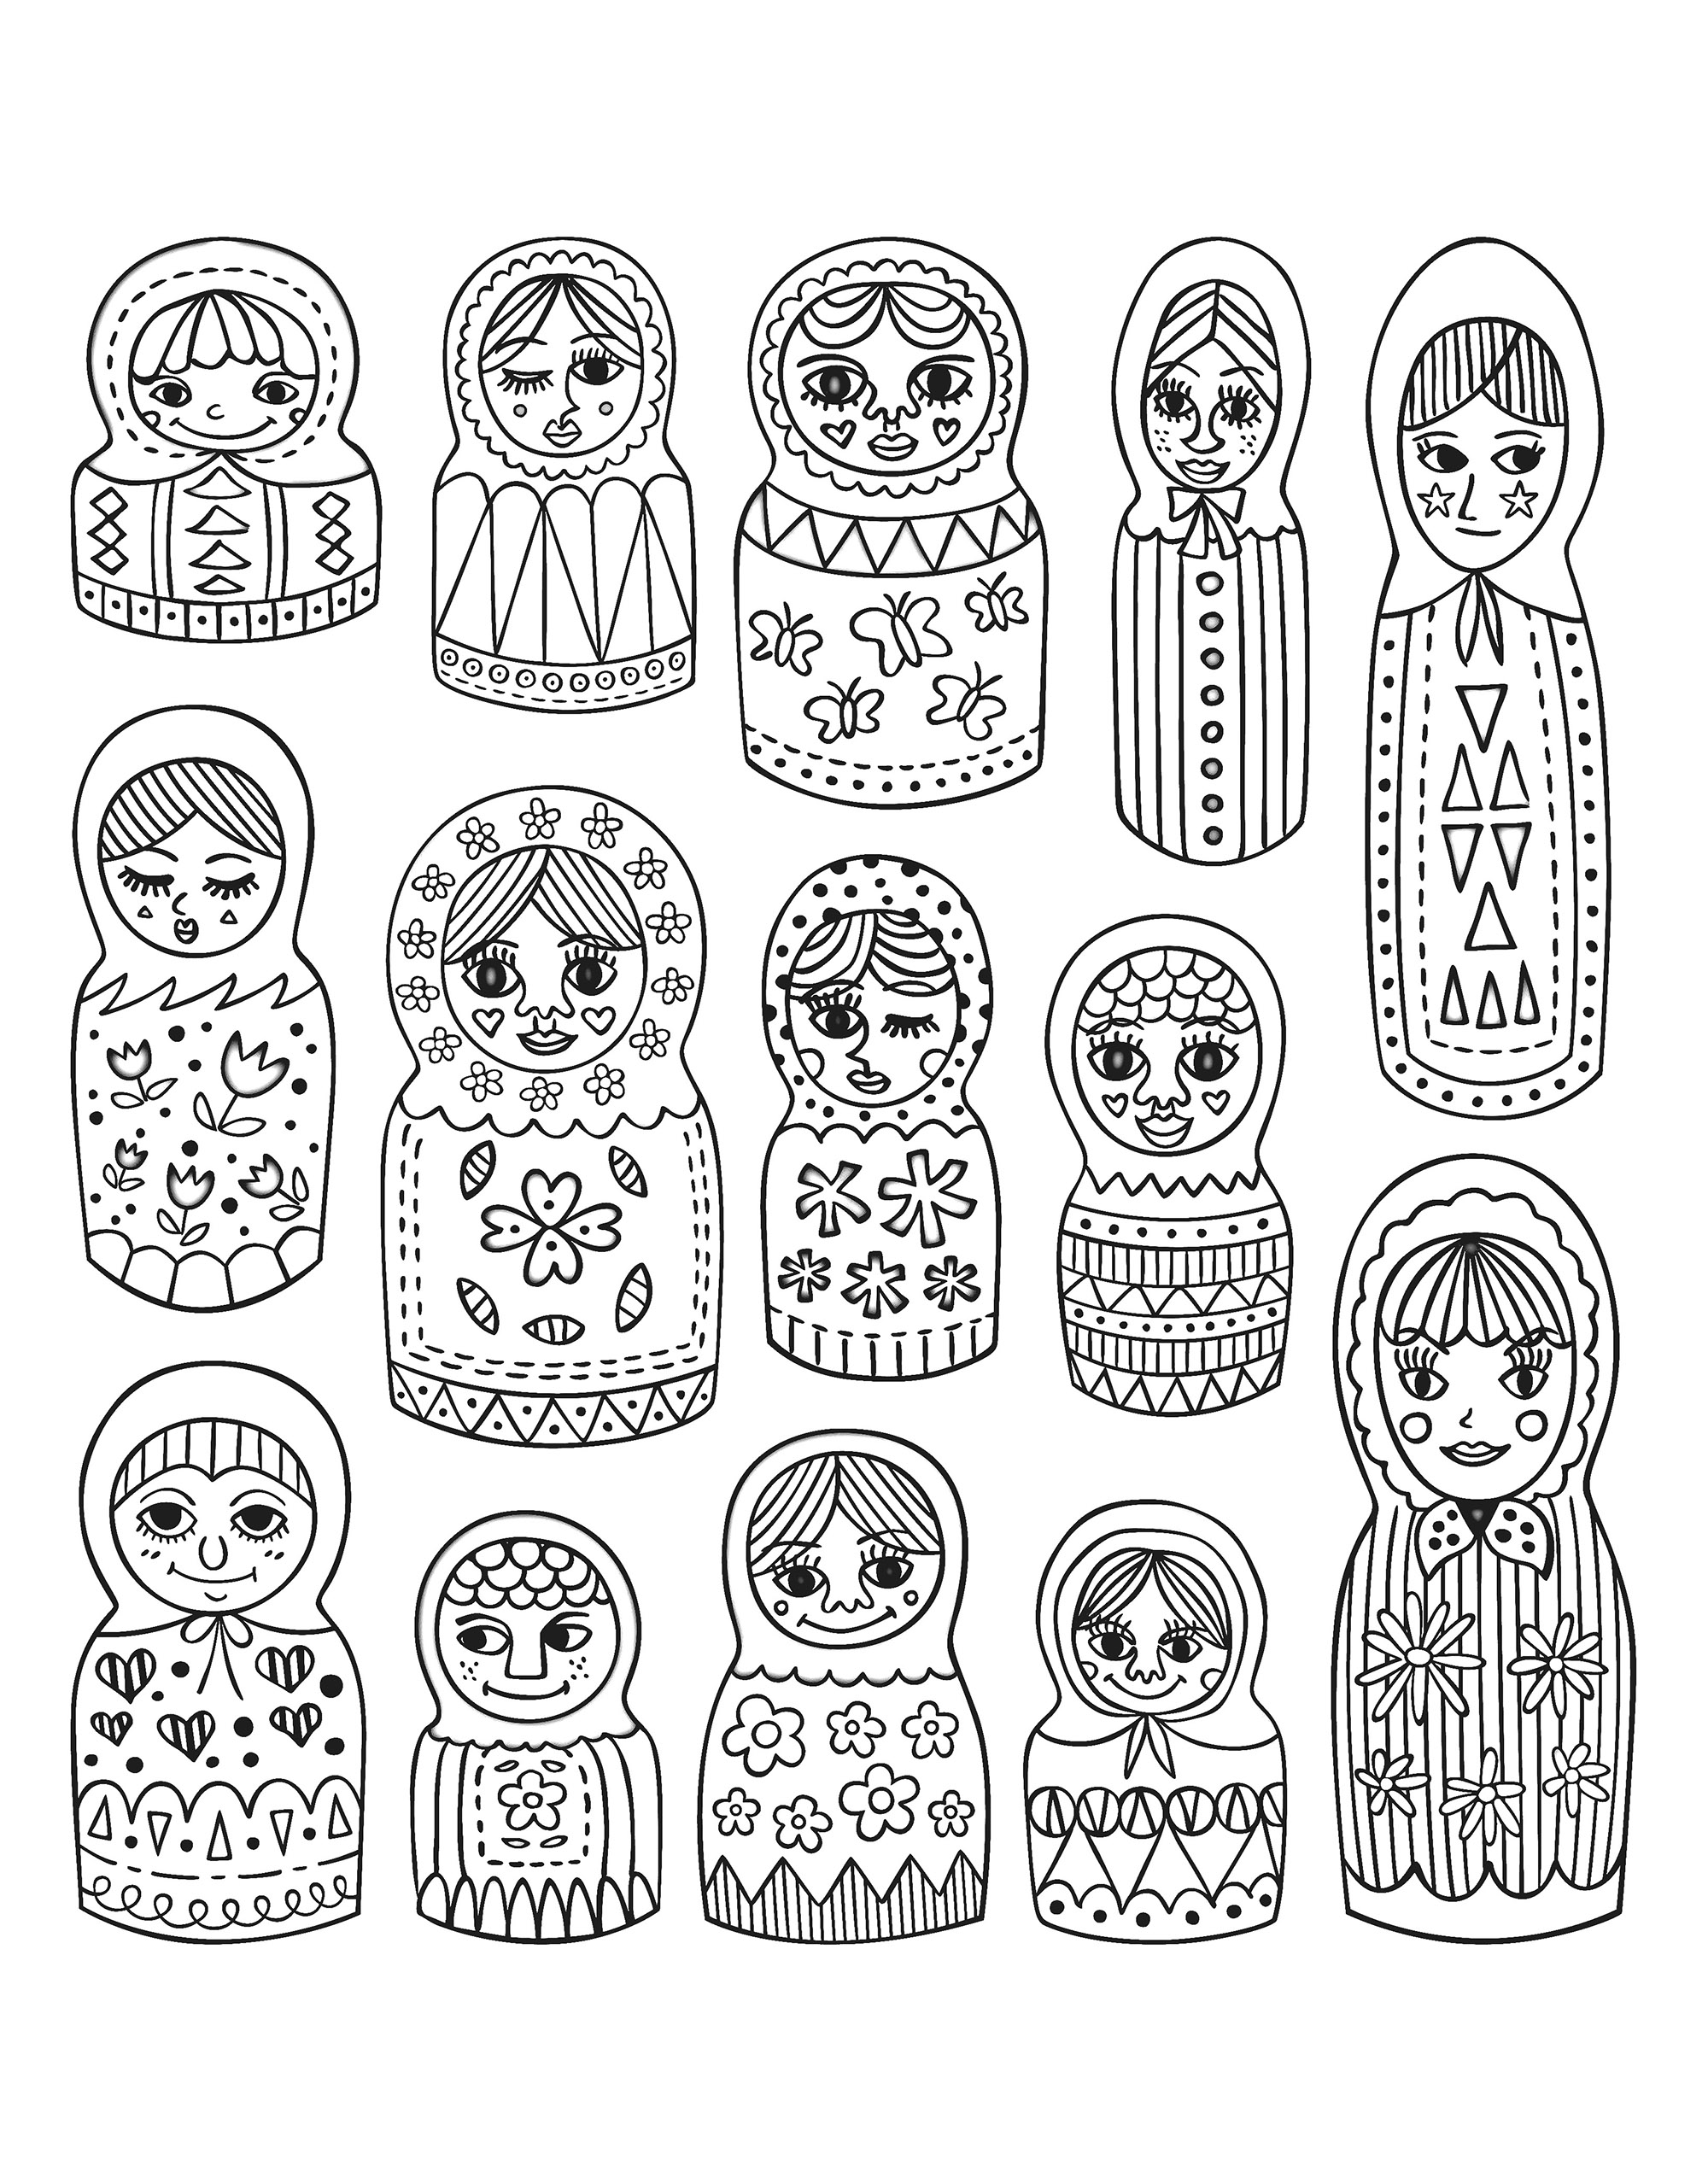 Justcolor Poupees Russes 1 Coloriages De Poupees Russes 100 Mandalas Zen Anti Stress